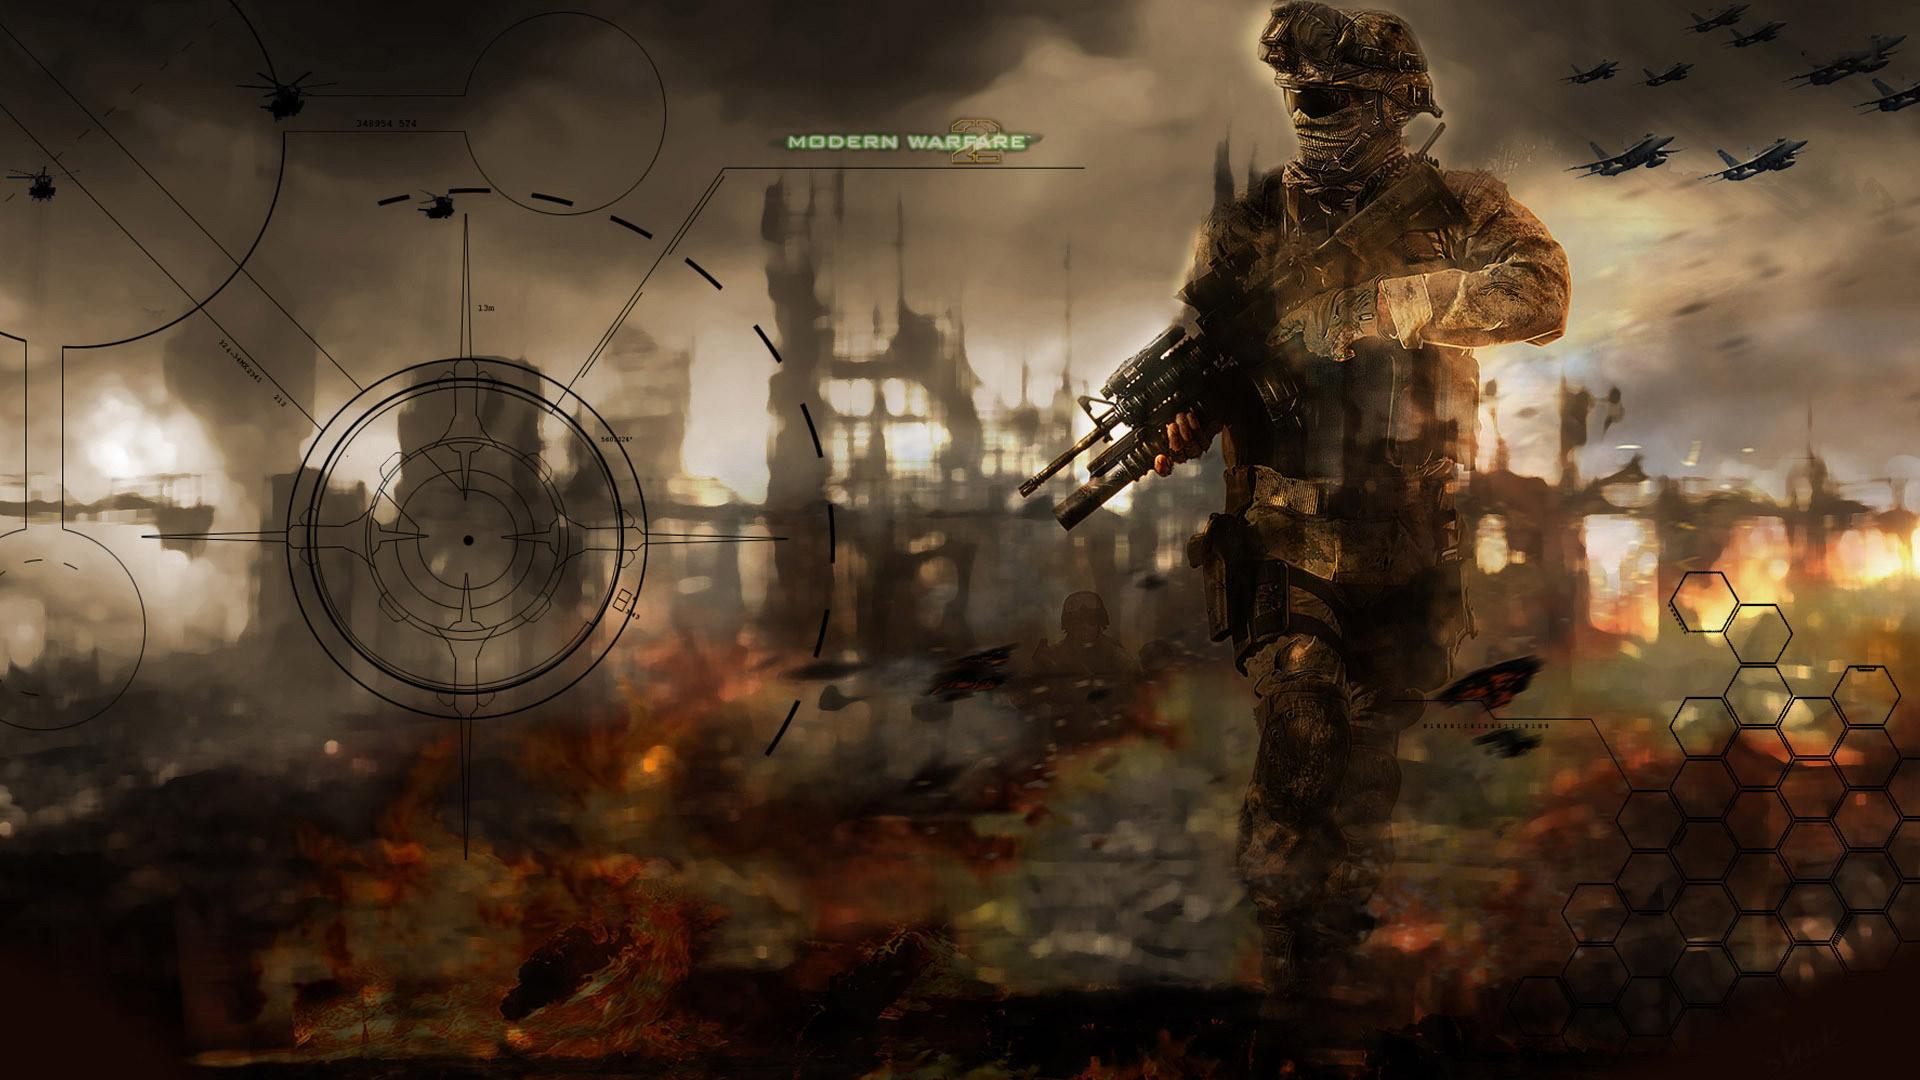 Free Call of Duty: Modern Warfare Wallpaper in 1920x1080